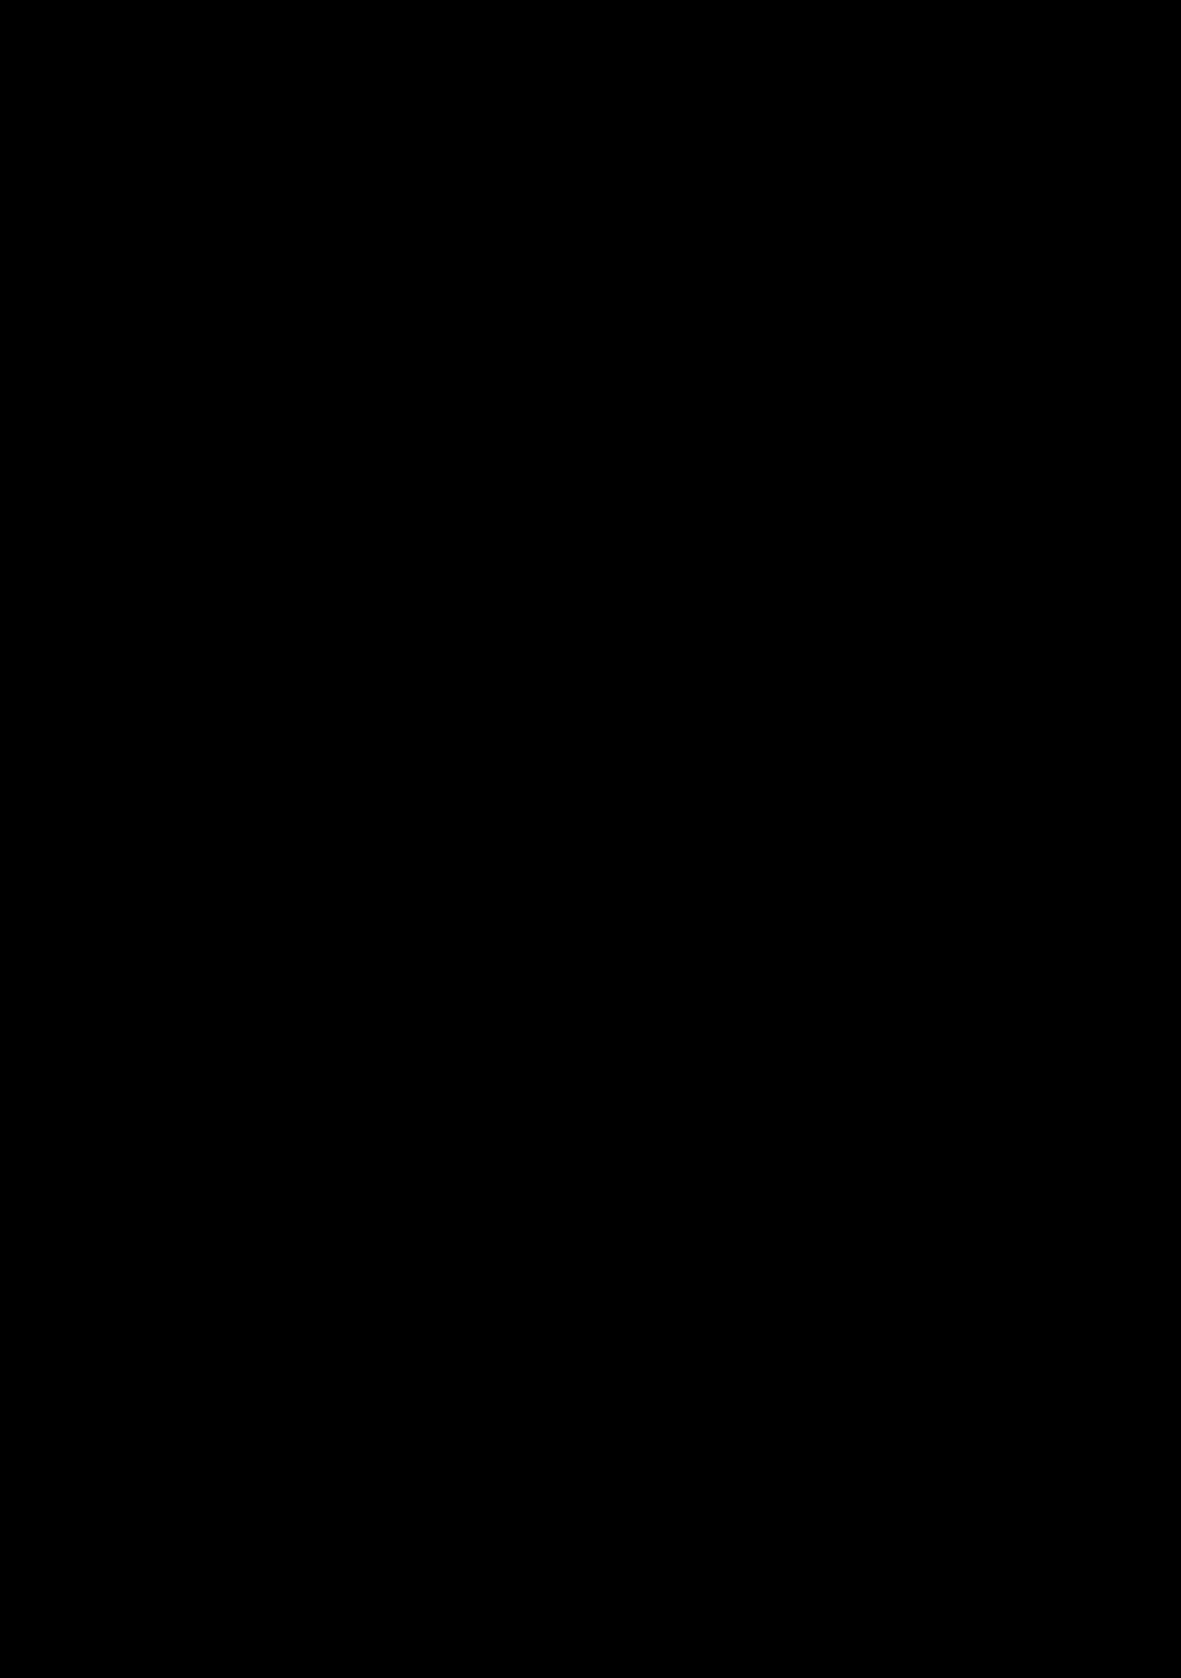 枠・飾り枠・飾り罫・飾り線(ク...